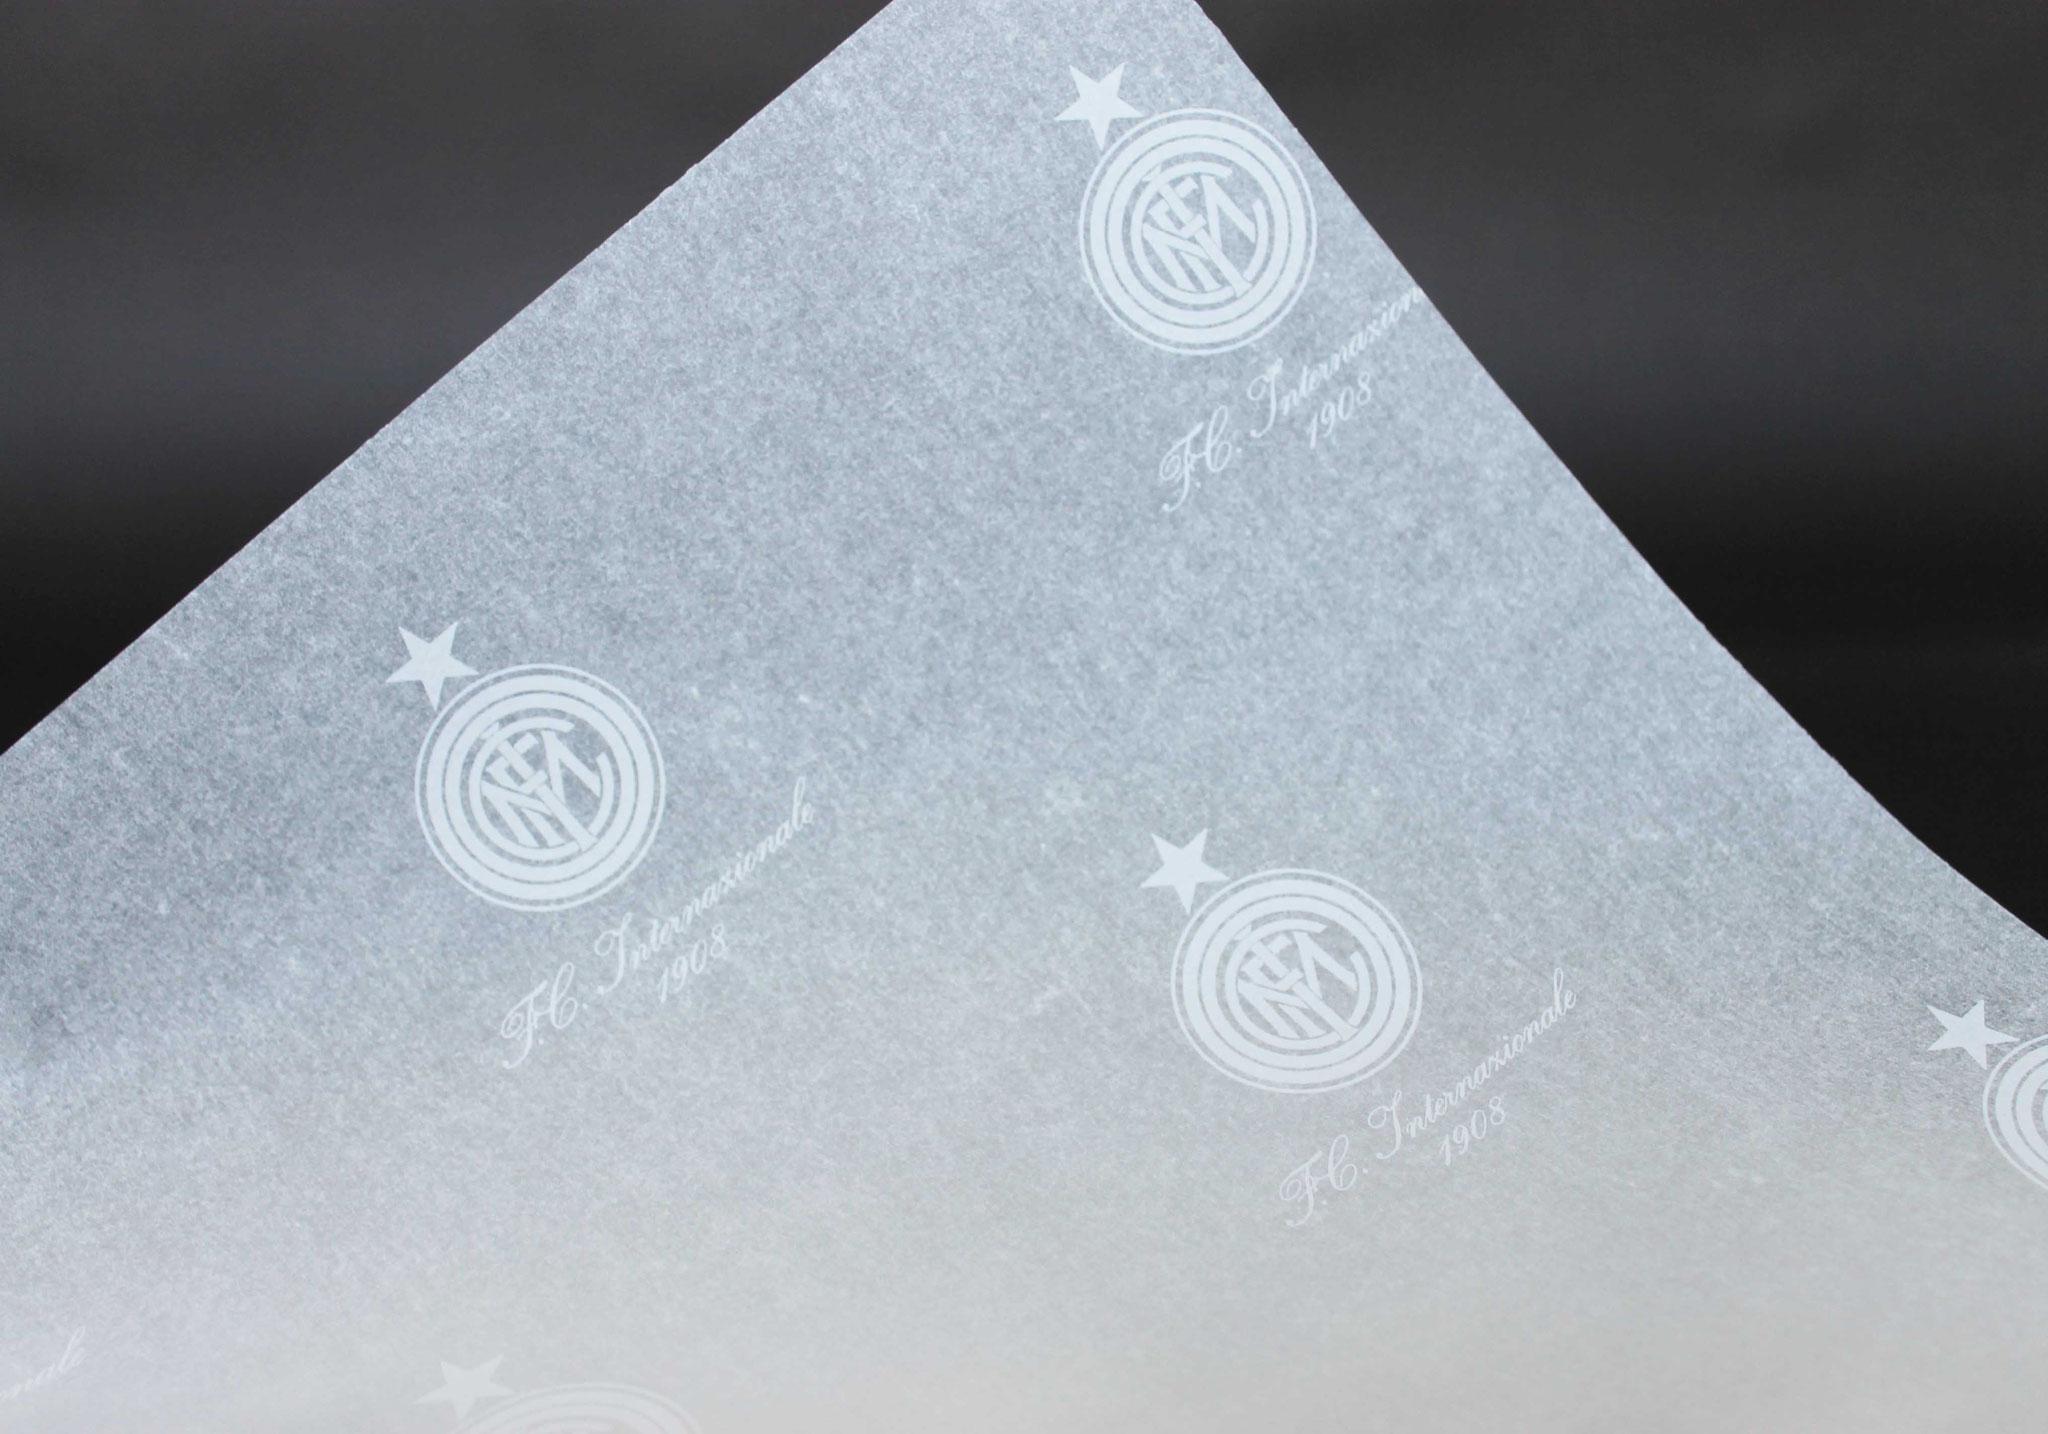 Druck: Weiß, Papier: Weiß